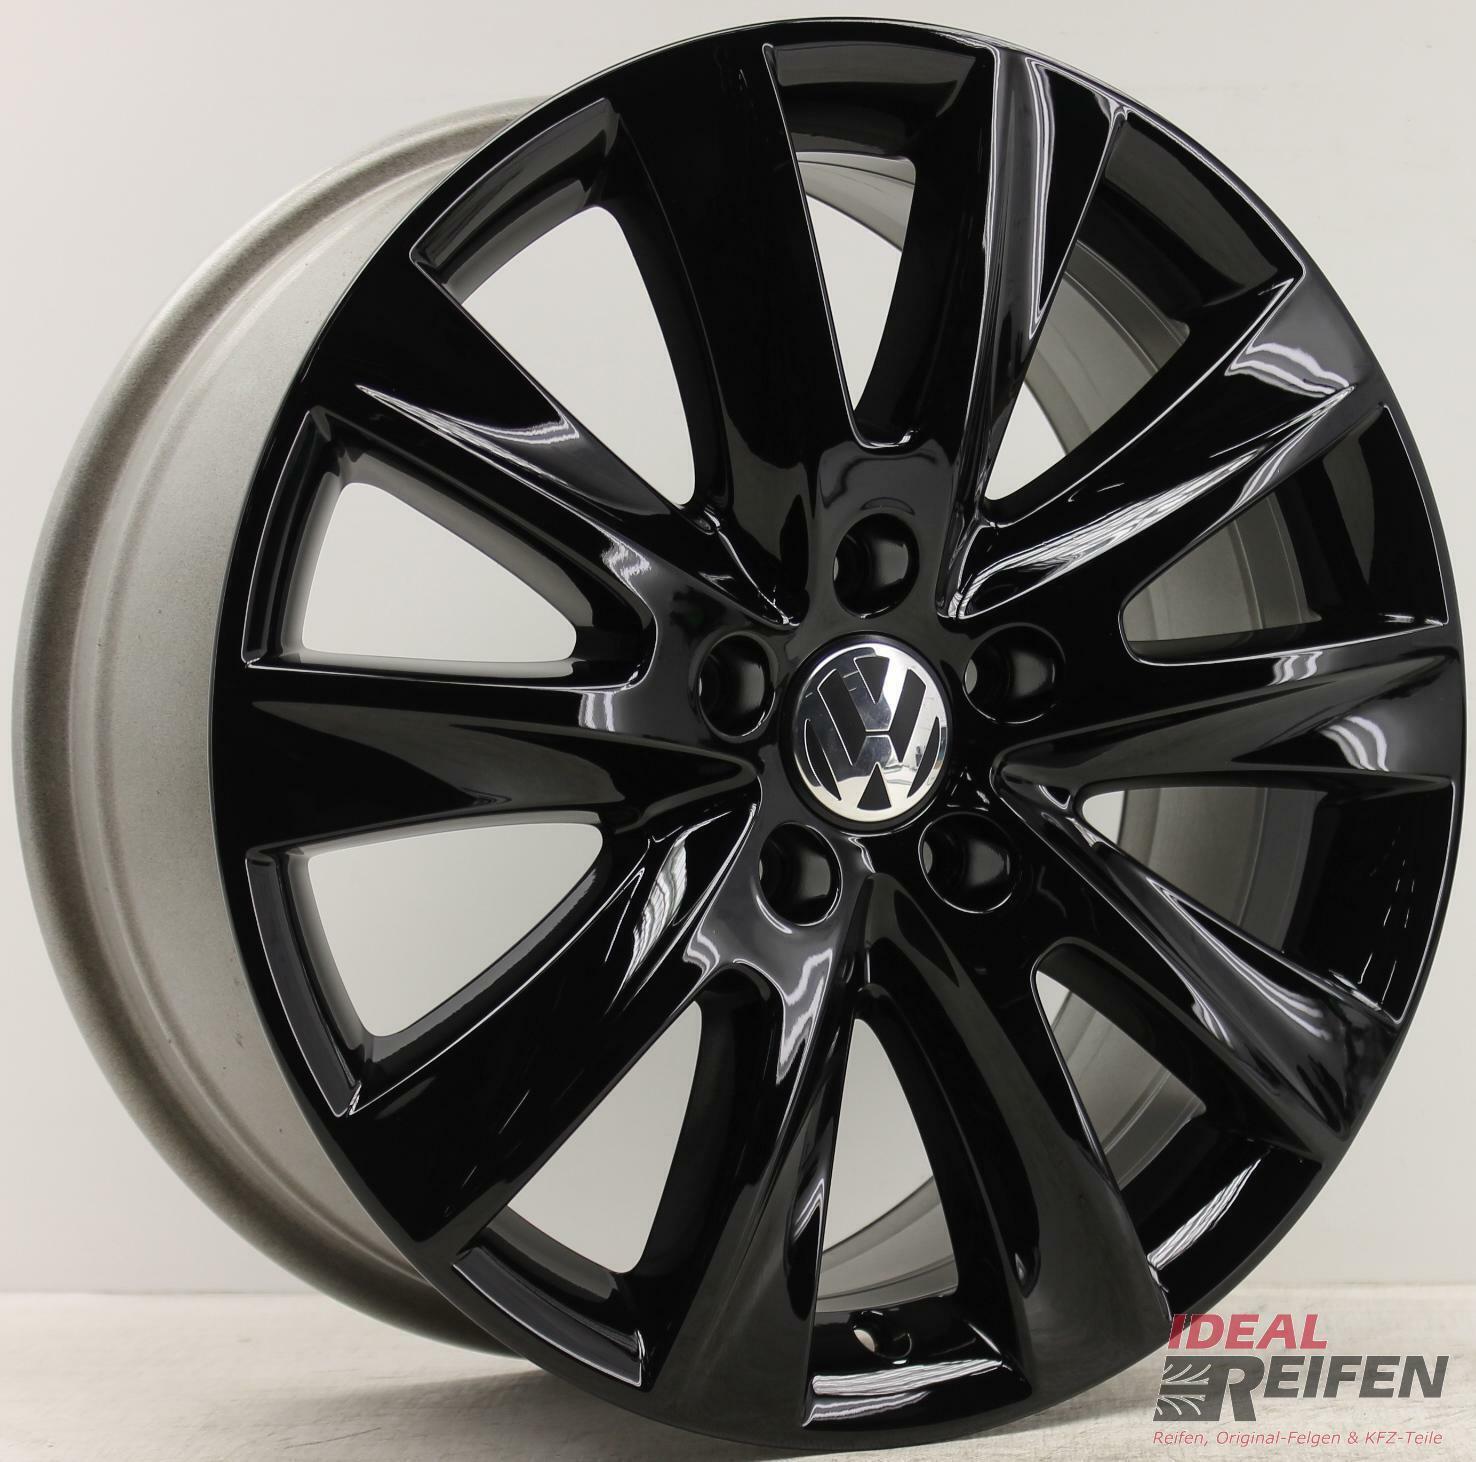 70.1-57.1 Roue Alliage Spigot Anneaux Pour VW Tiguan